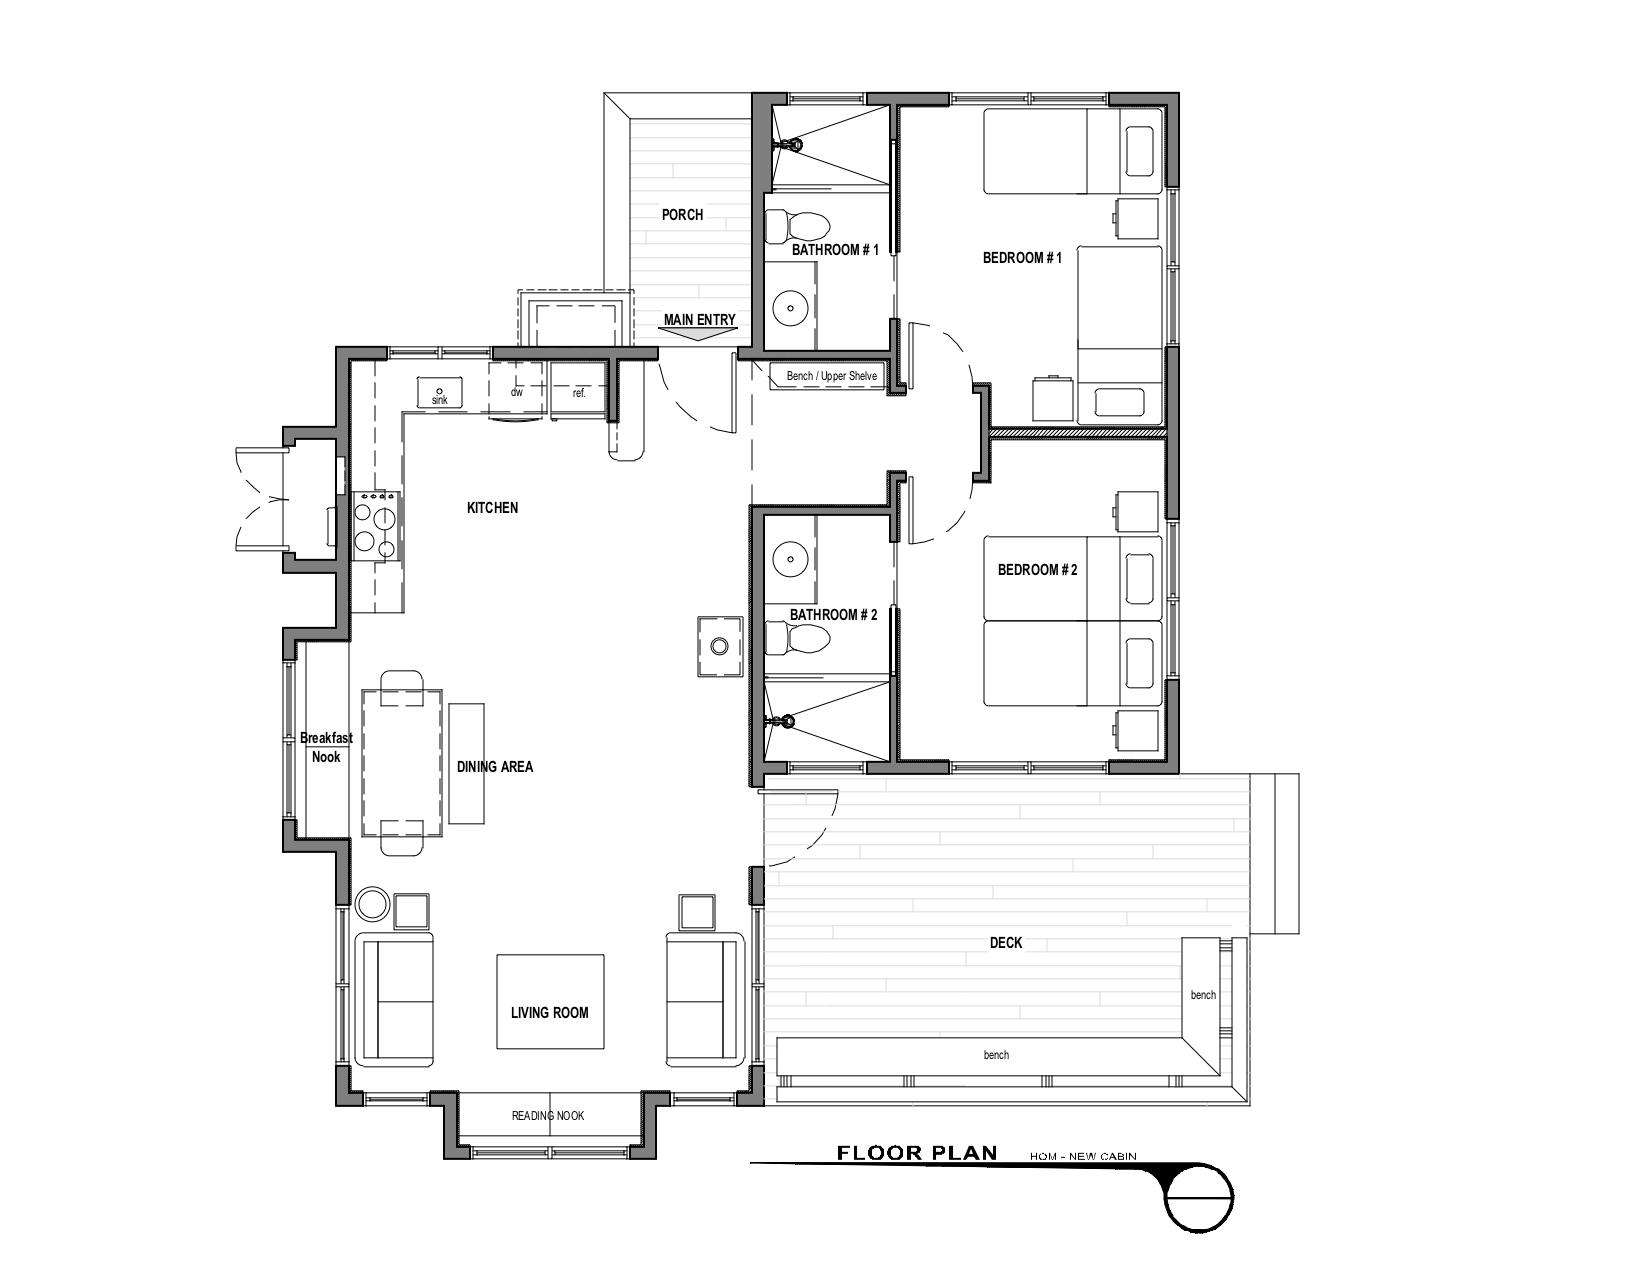 Manzanita Floor Plan.jpg